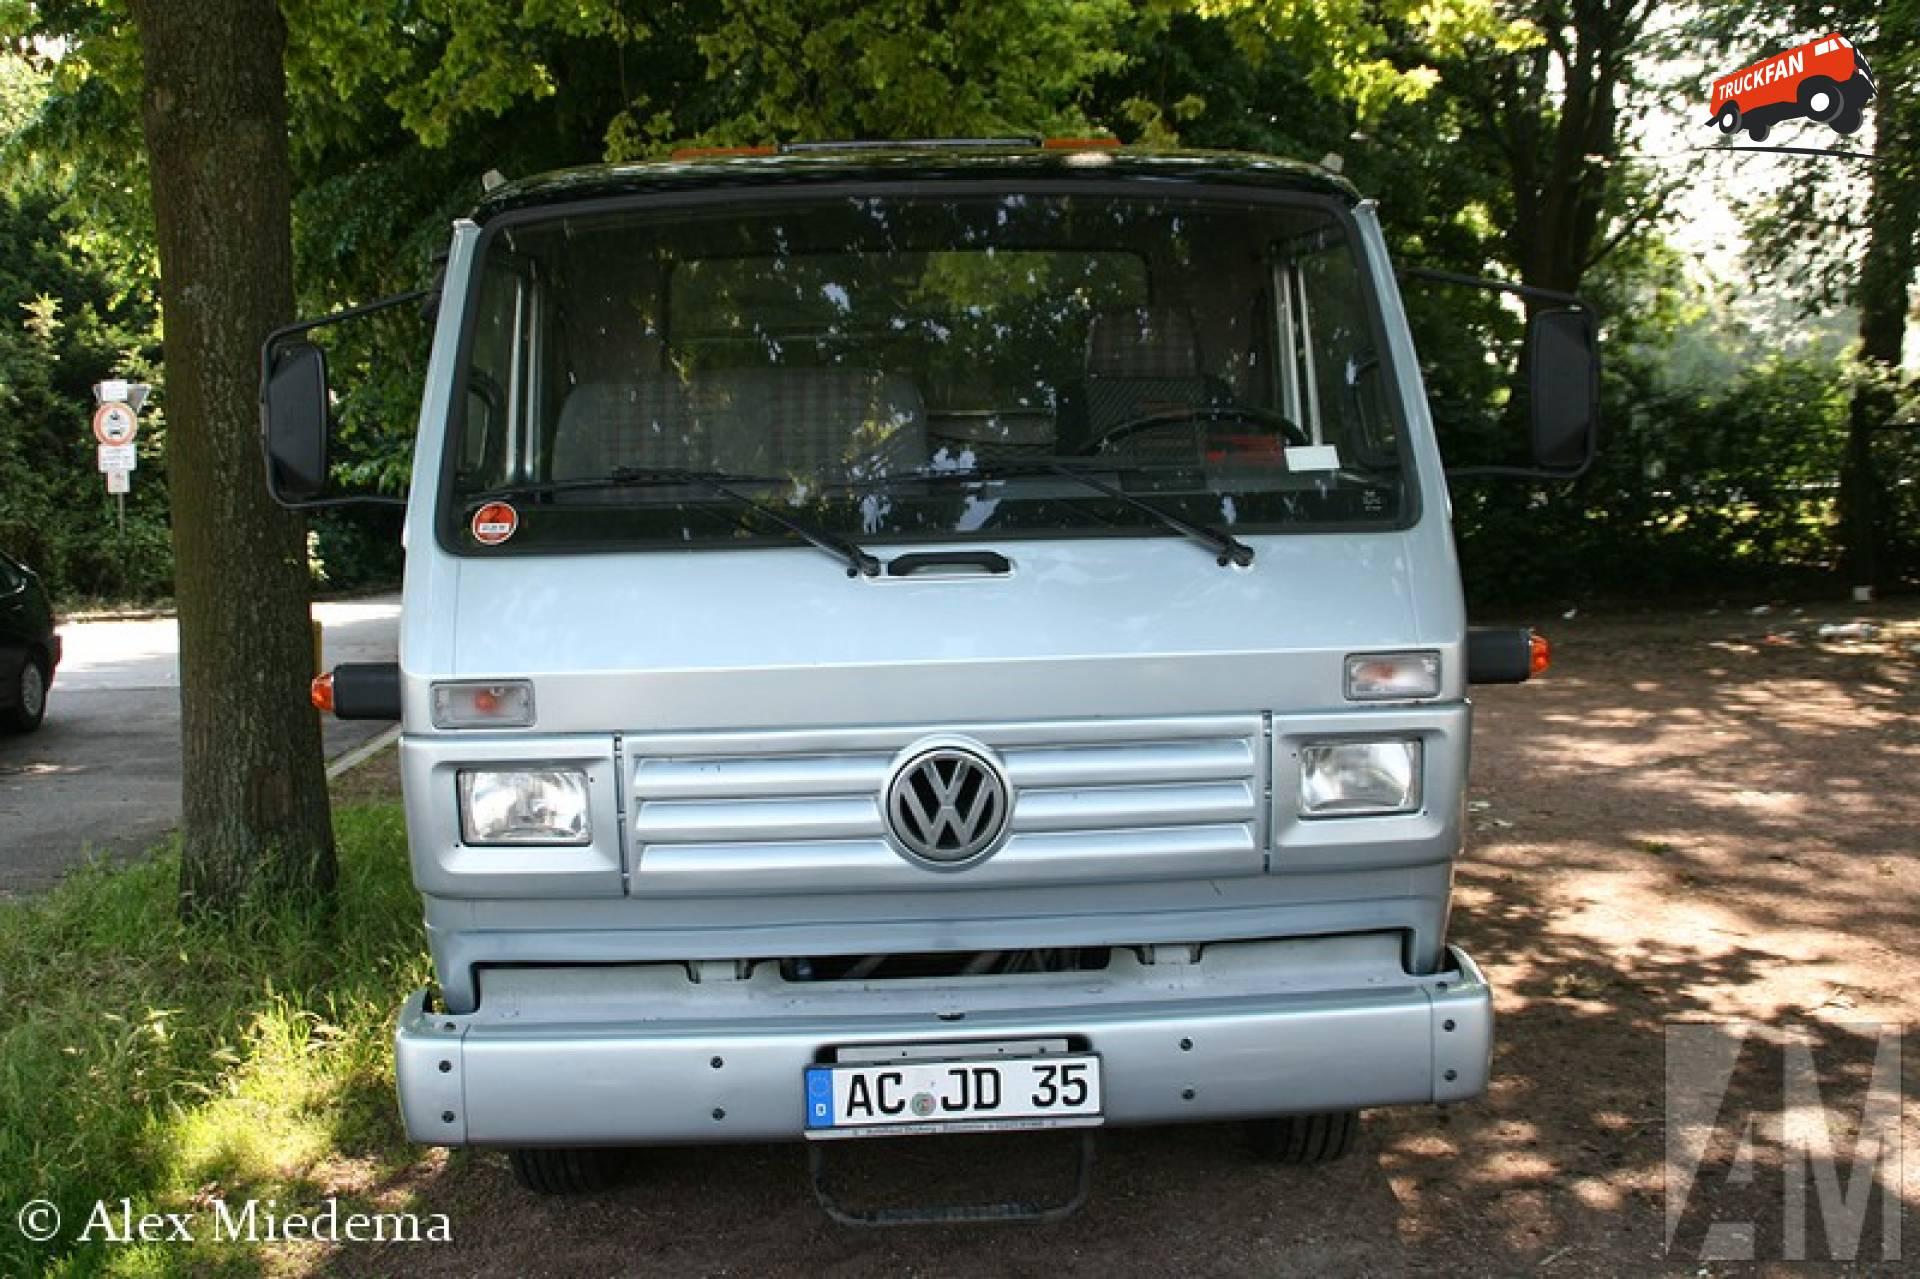 VW L80